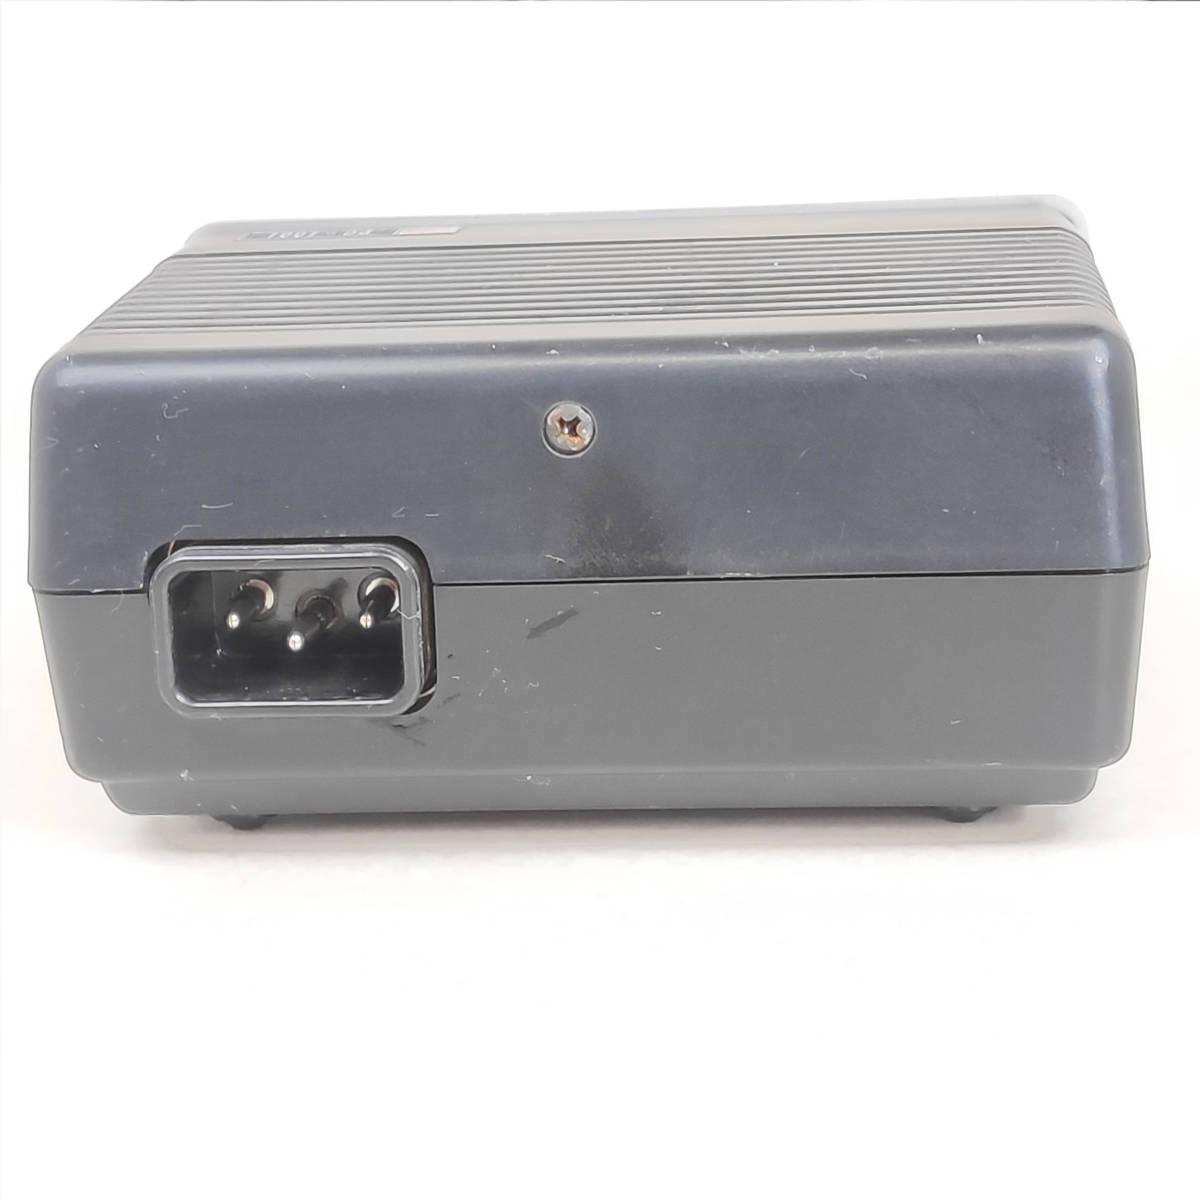 SHARP 電卓 PC-1001 ジャンク 06179_画像6